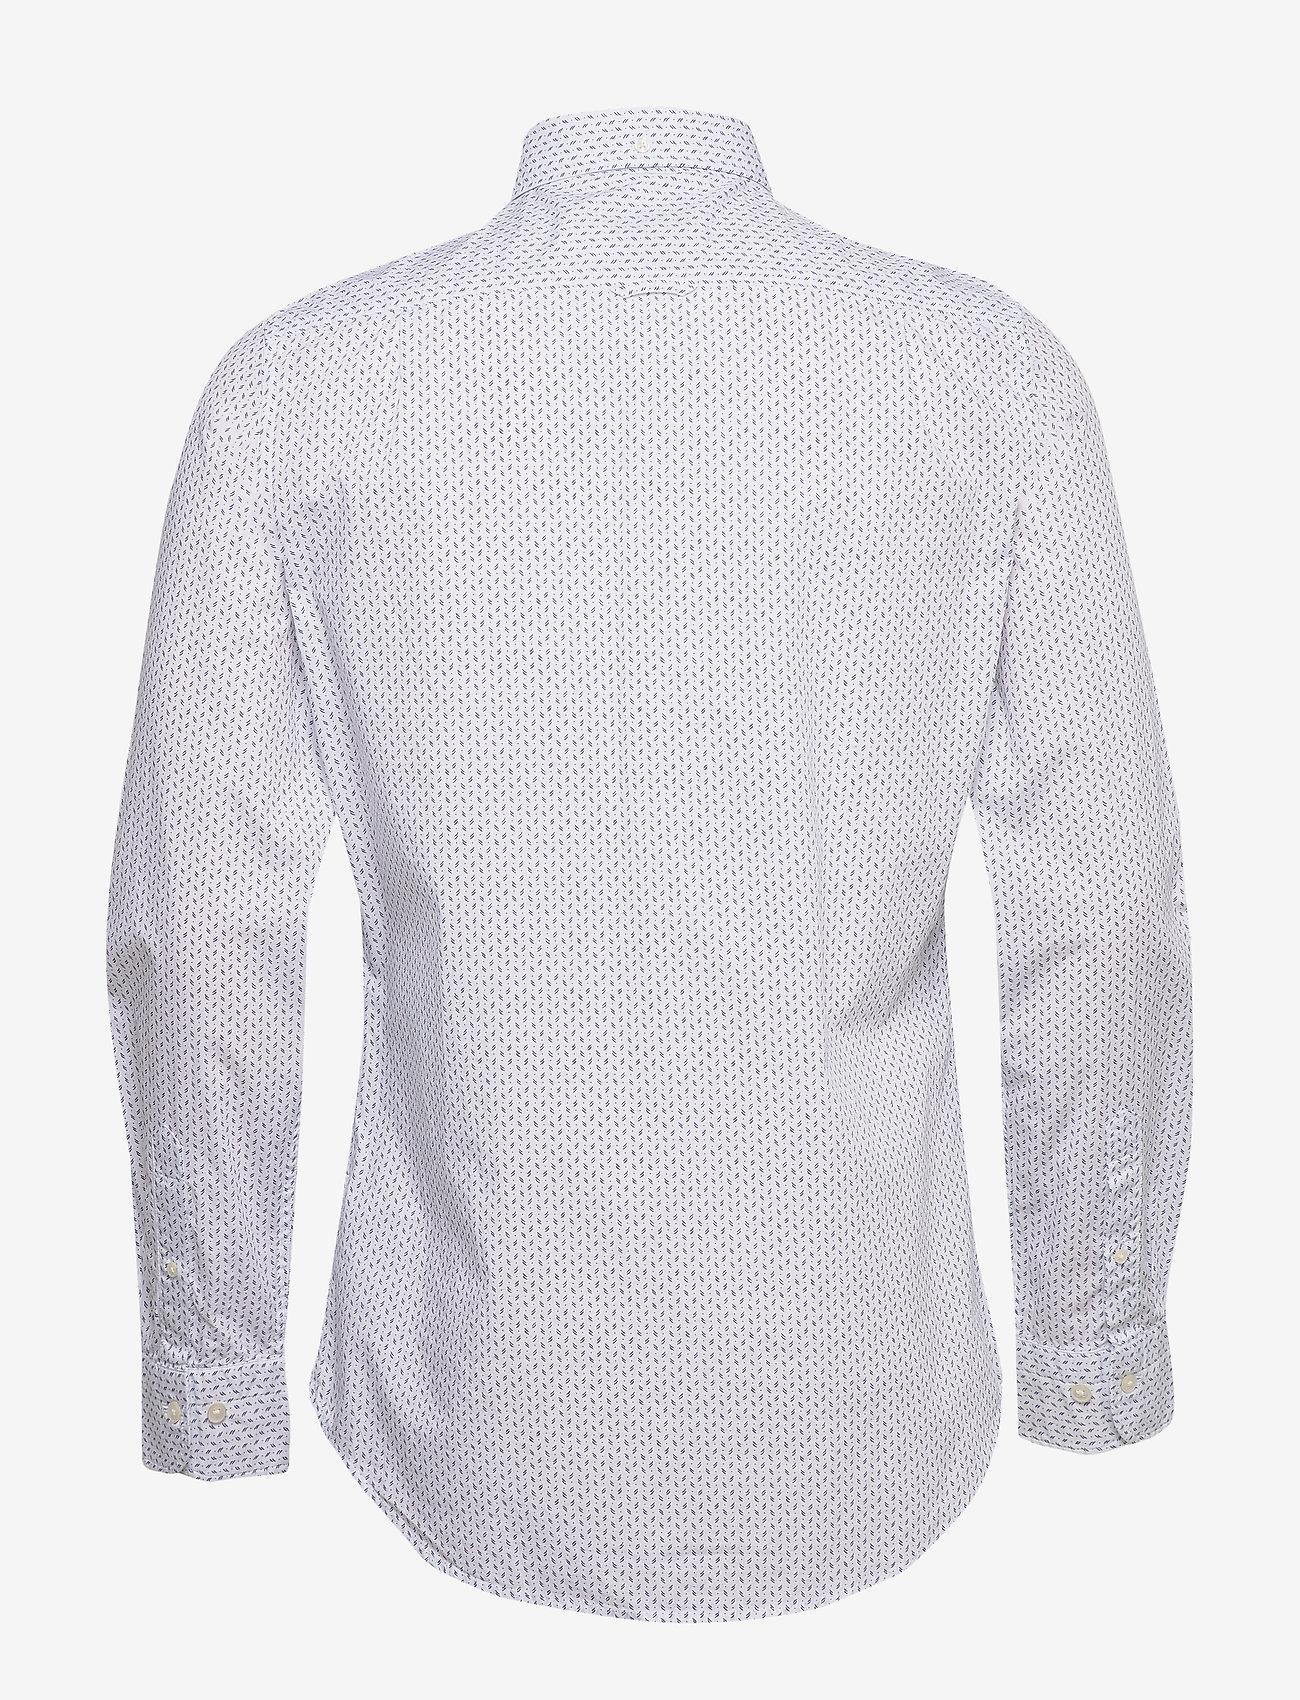 GANT D1. BC PRINT SLIM BD - Skjorter WHITE - Menn Klær